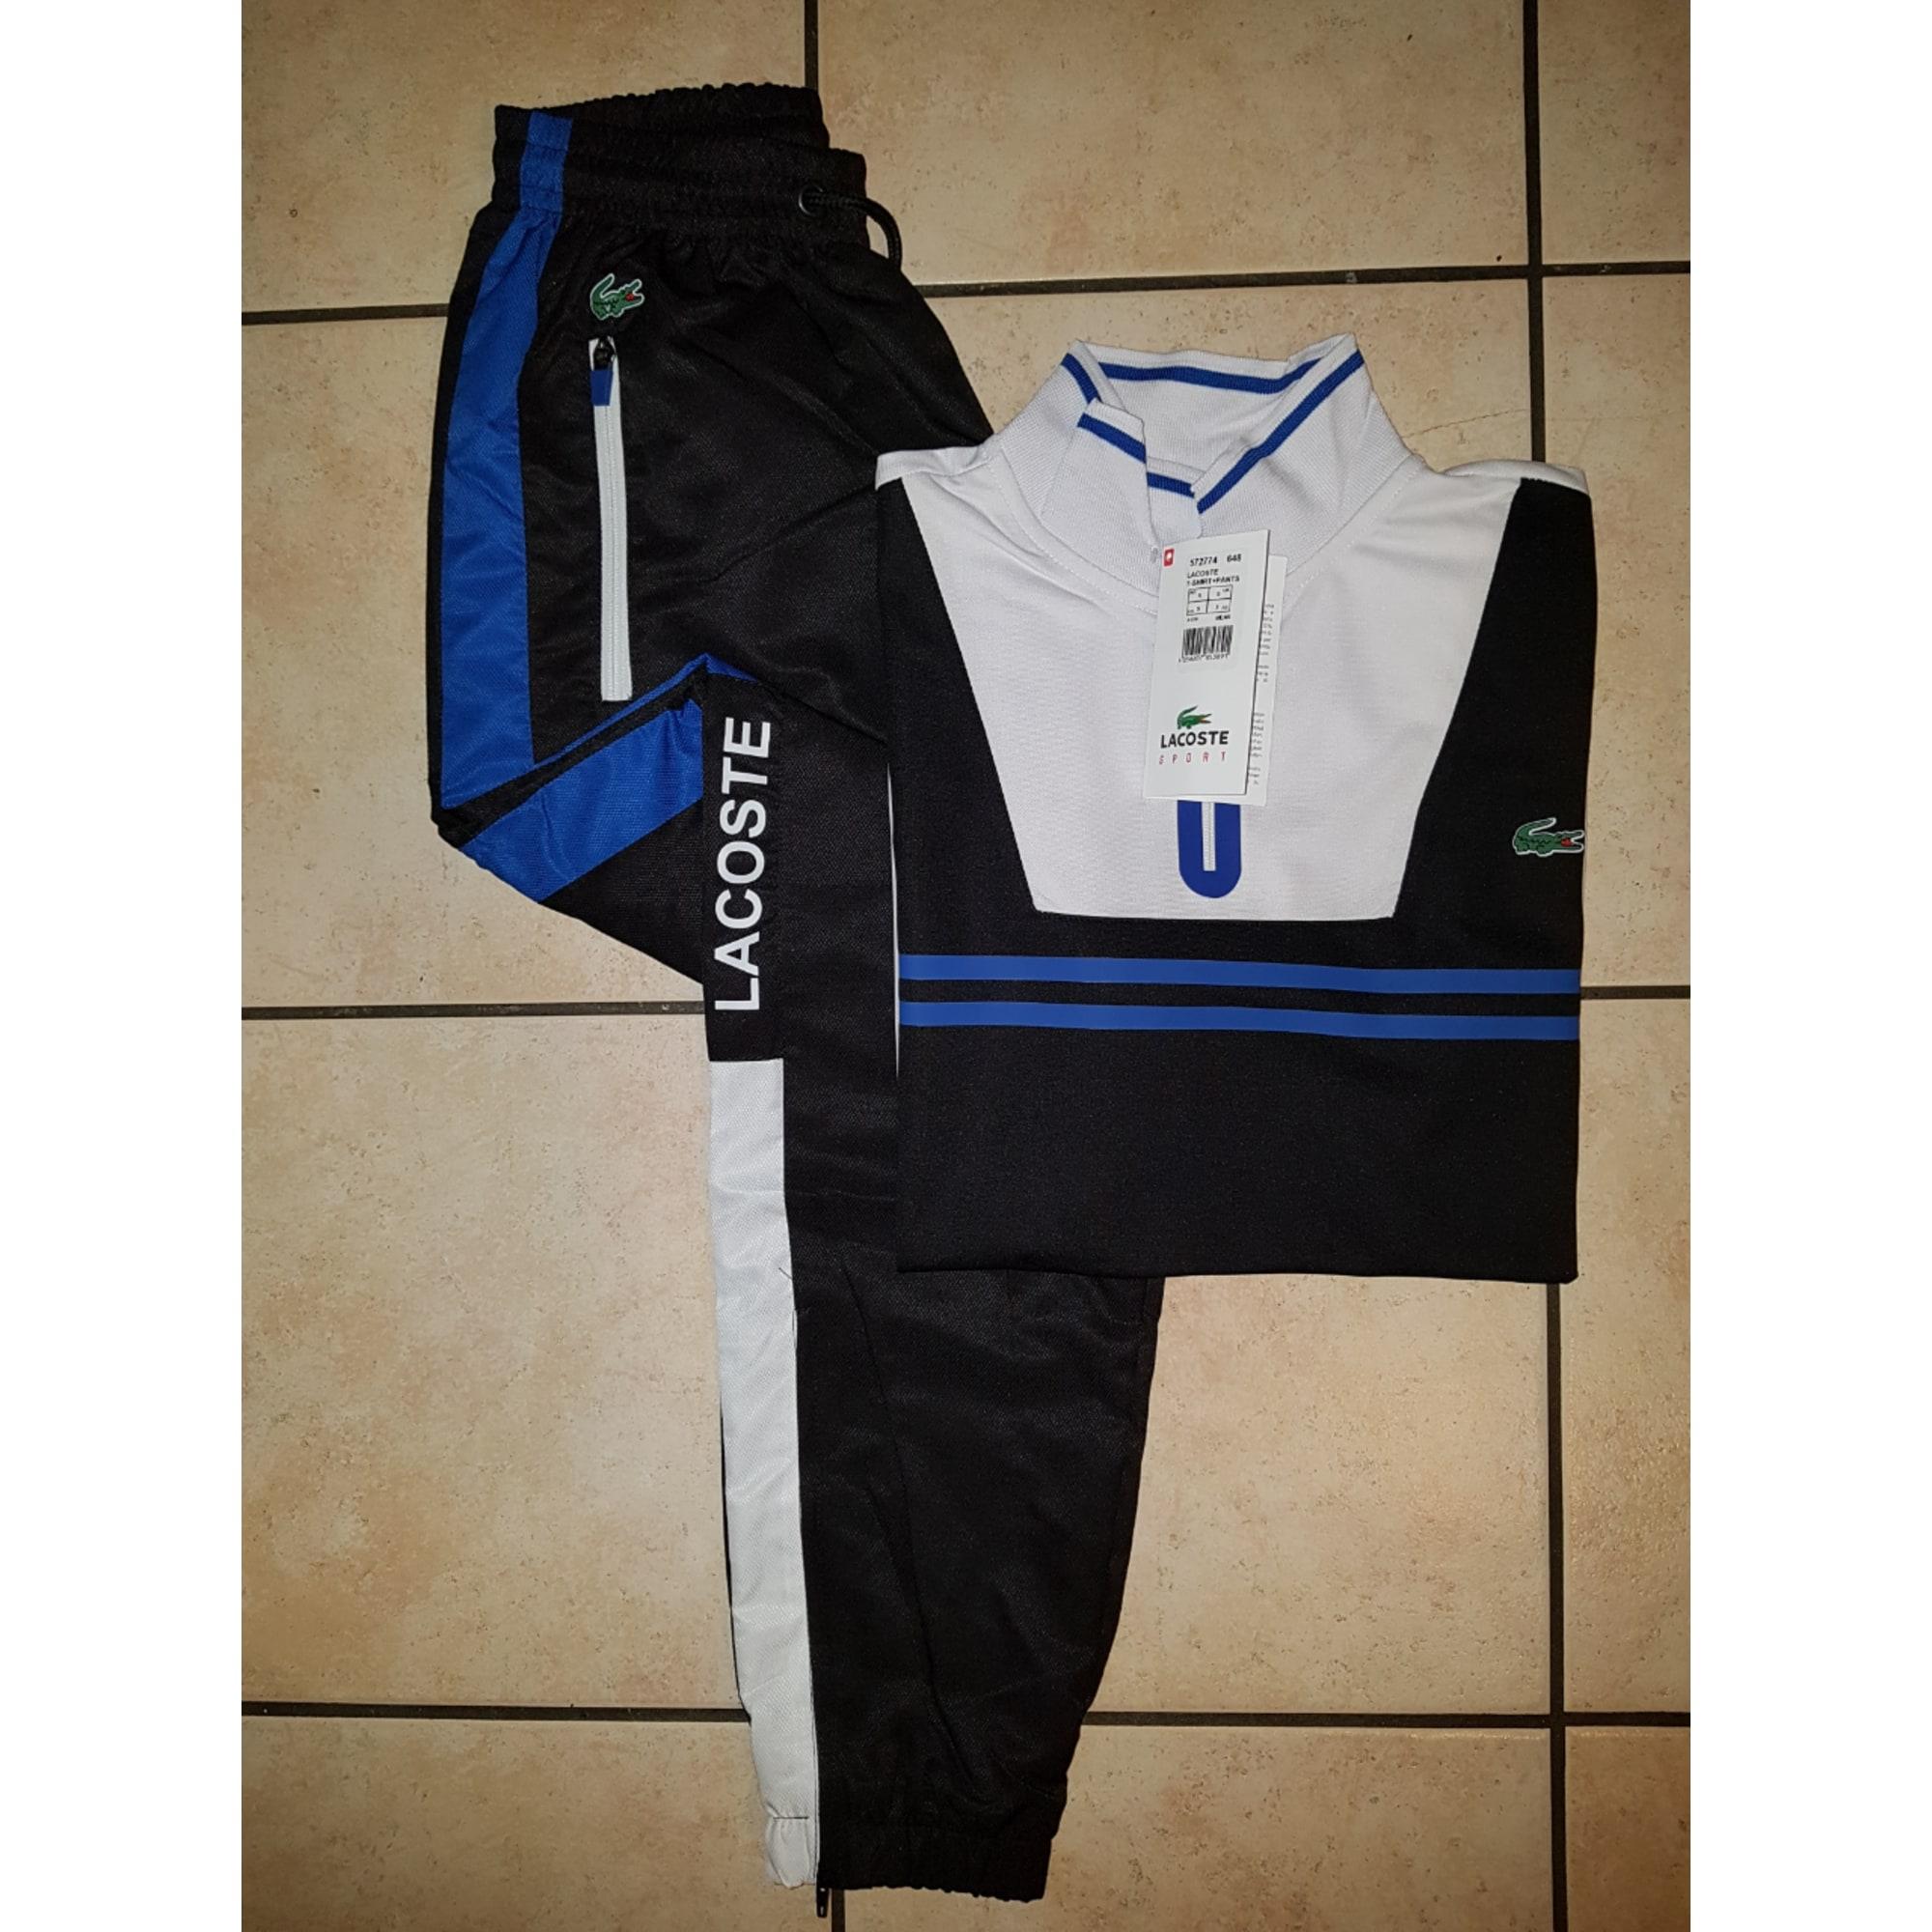 7757064 Par Ensemble 36 Vendu Jogging 14764 Lacoste Bleu Julie j4qA53RL